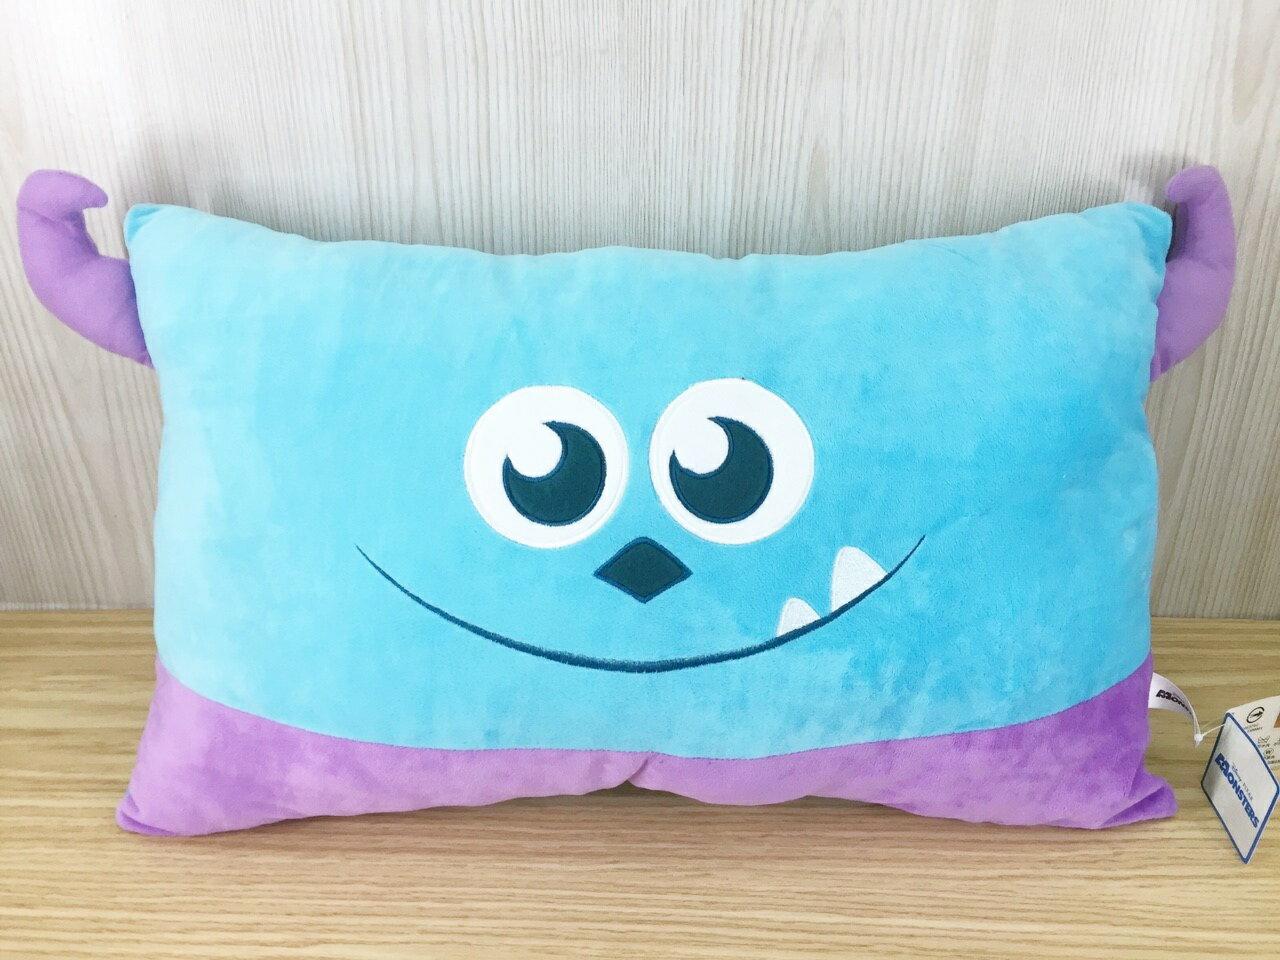 【真愛日本】15121700025 大臉雙人枕-毛怪  迪士尼 星際寶貝 史迪奇 抱枕 靠枕 枕頭 娃娃